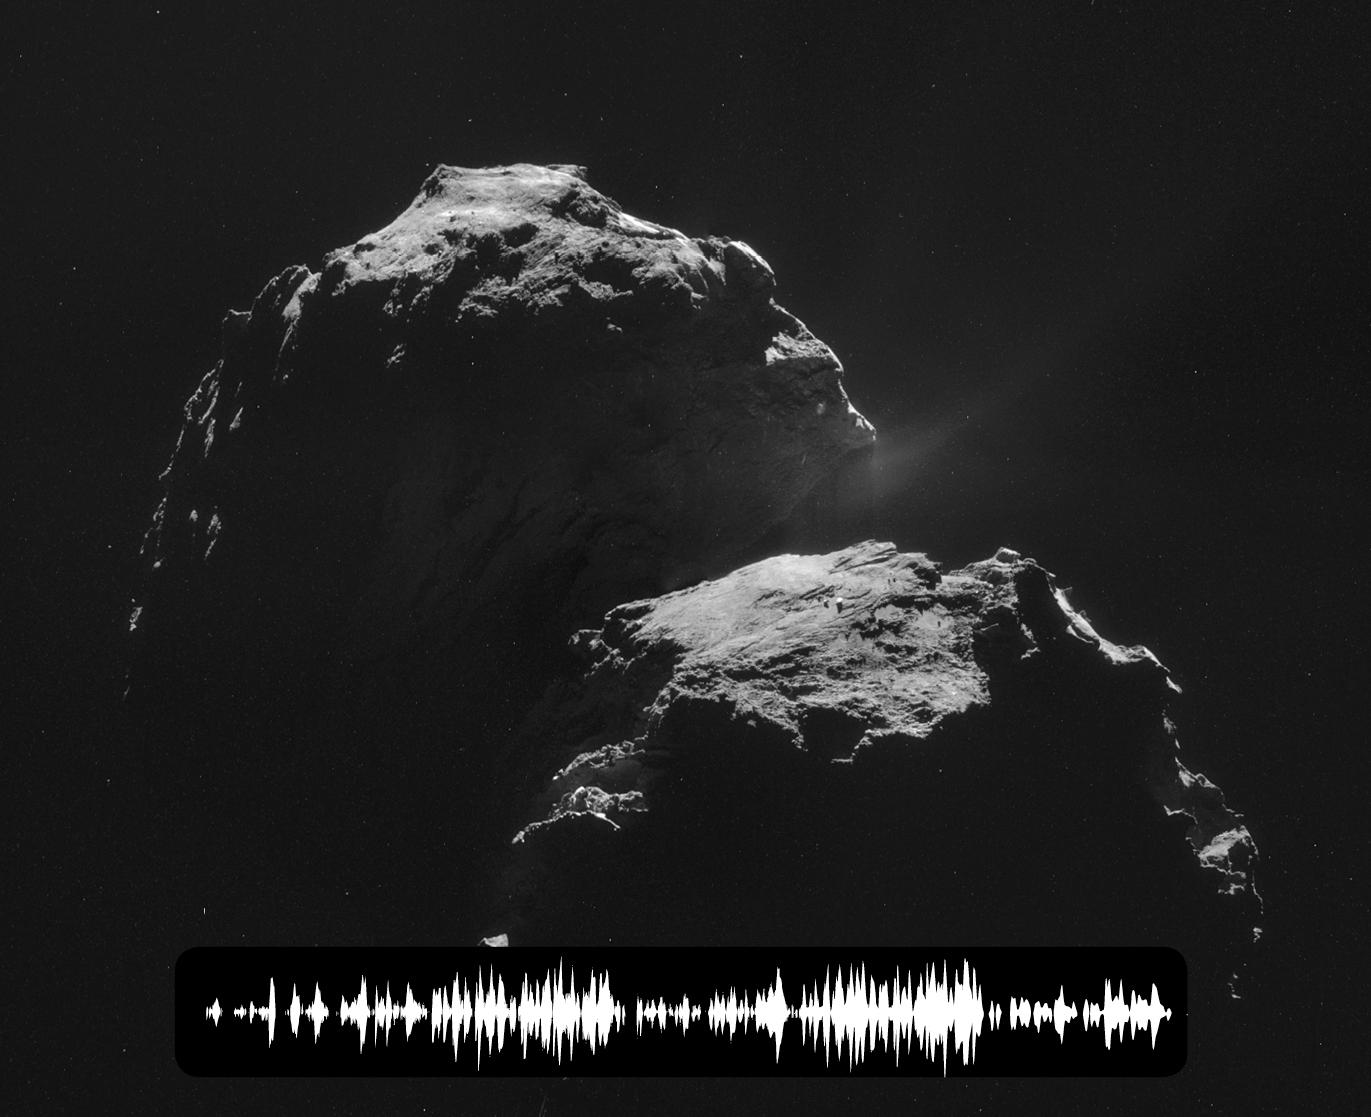 Диаграмма электромагнитных колебаний исходящих от кометы Чурюмова-Герасименко